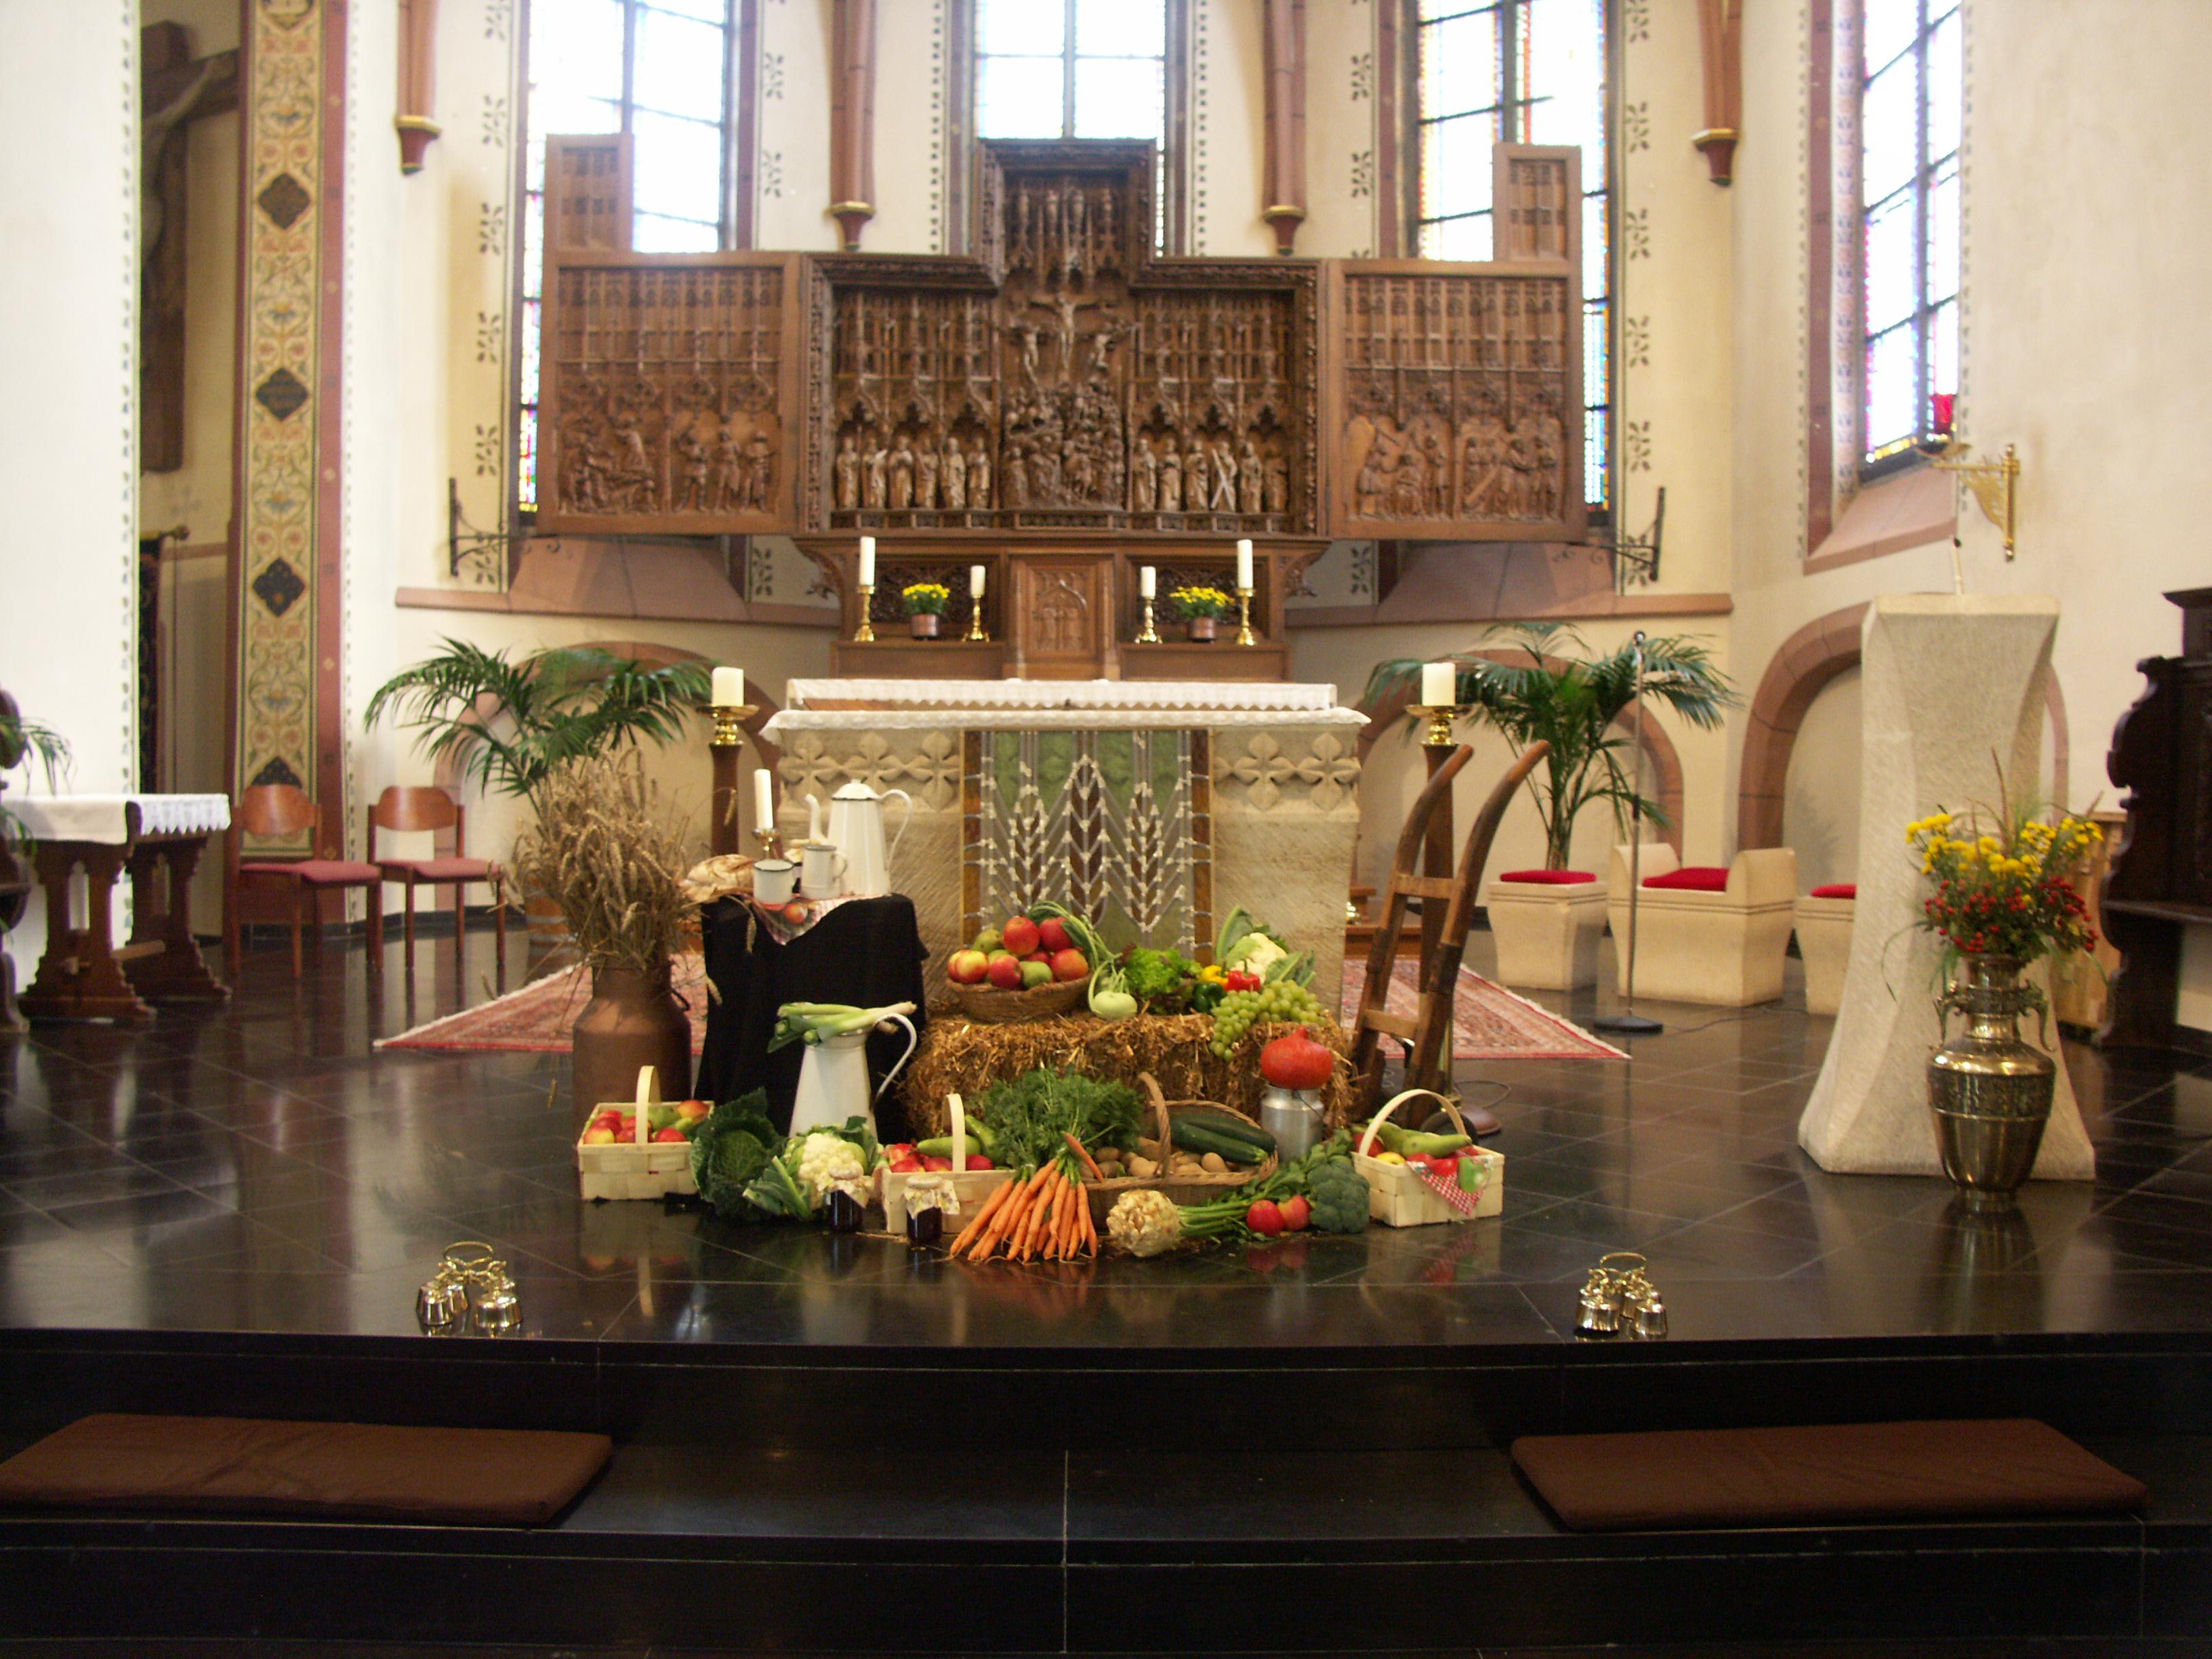 Erntedank in Griether Kirche